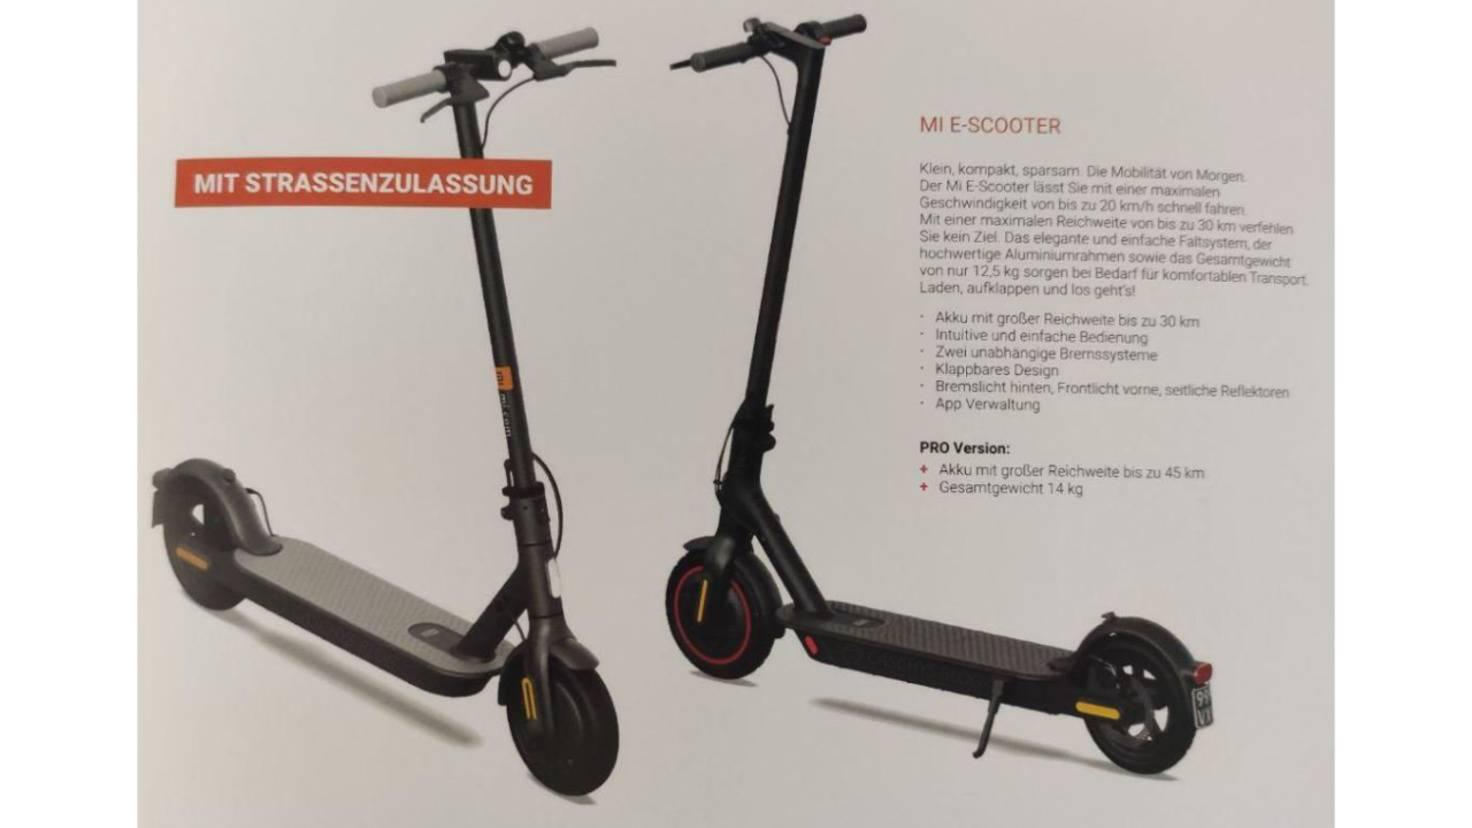 Zwei Mi E-Scooter Modelle im Messe-Katalog